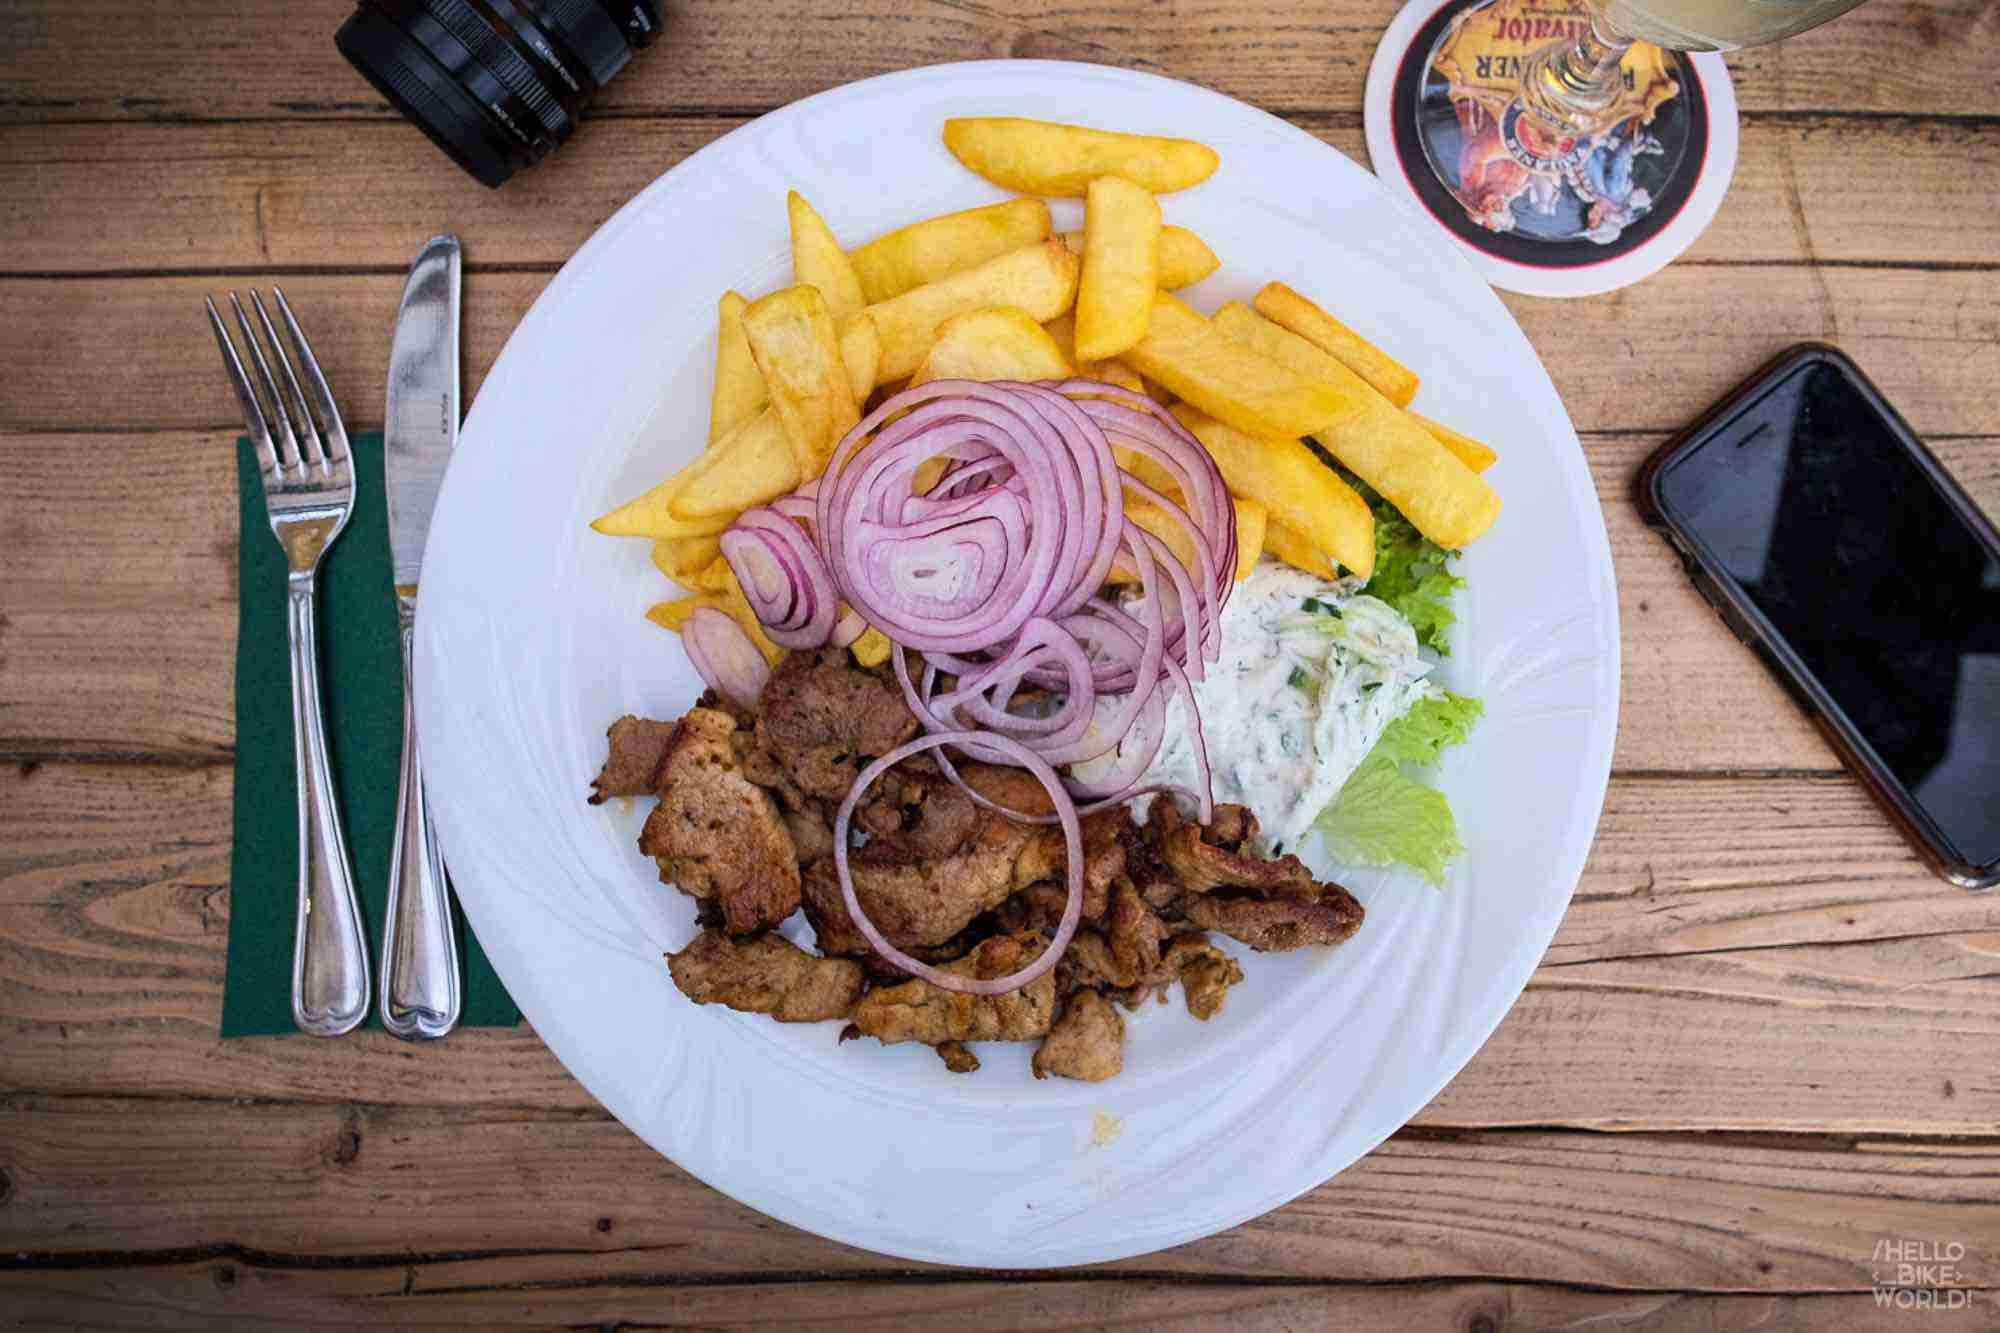 Die gute deutsche Küche